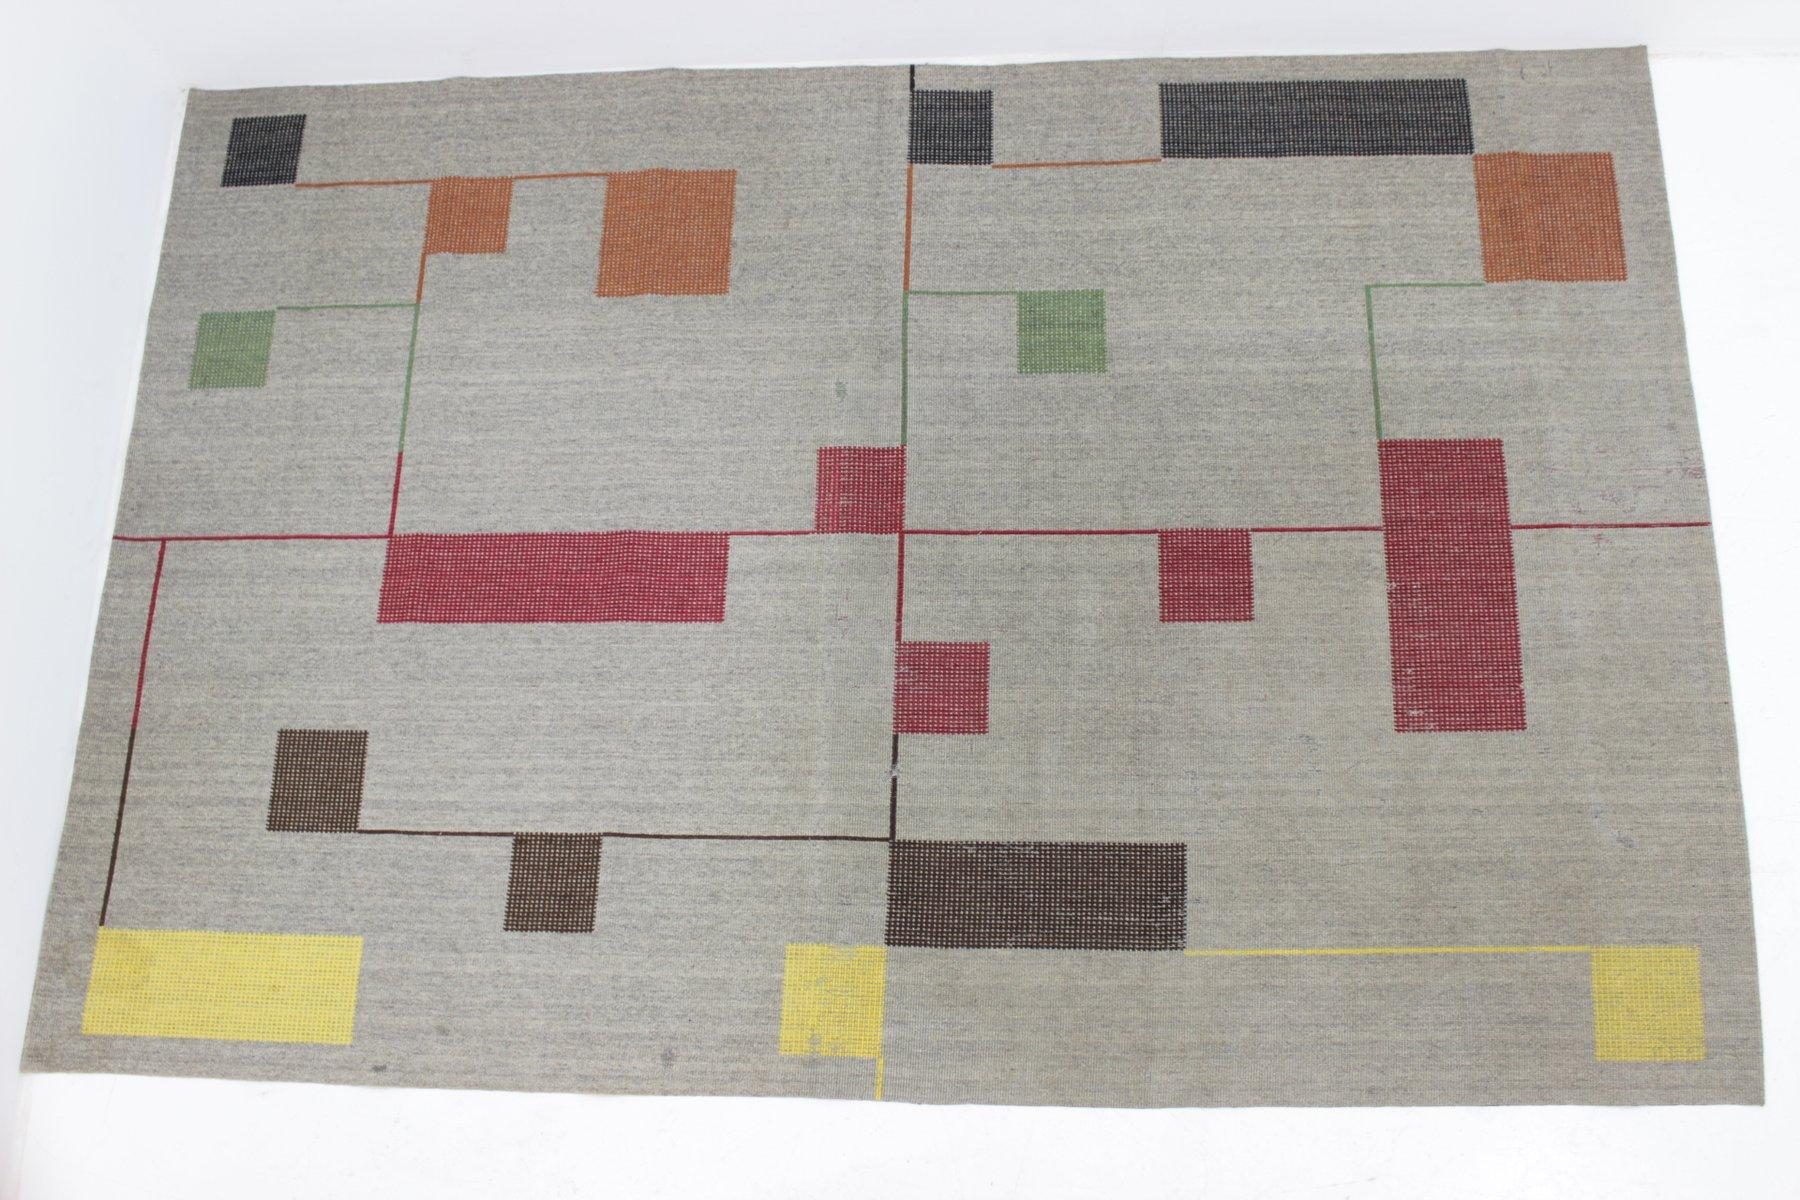 geometrische teppiche im bauhaus stil 1940er 2er set bei pamono kaufen. Black Bedroom Furniture Sets. Home Design Ideas